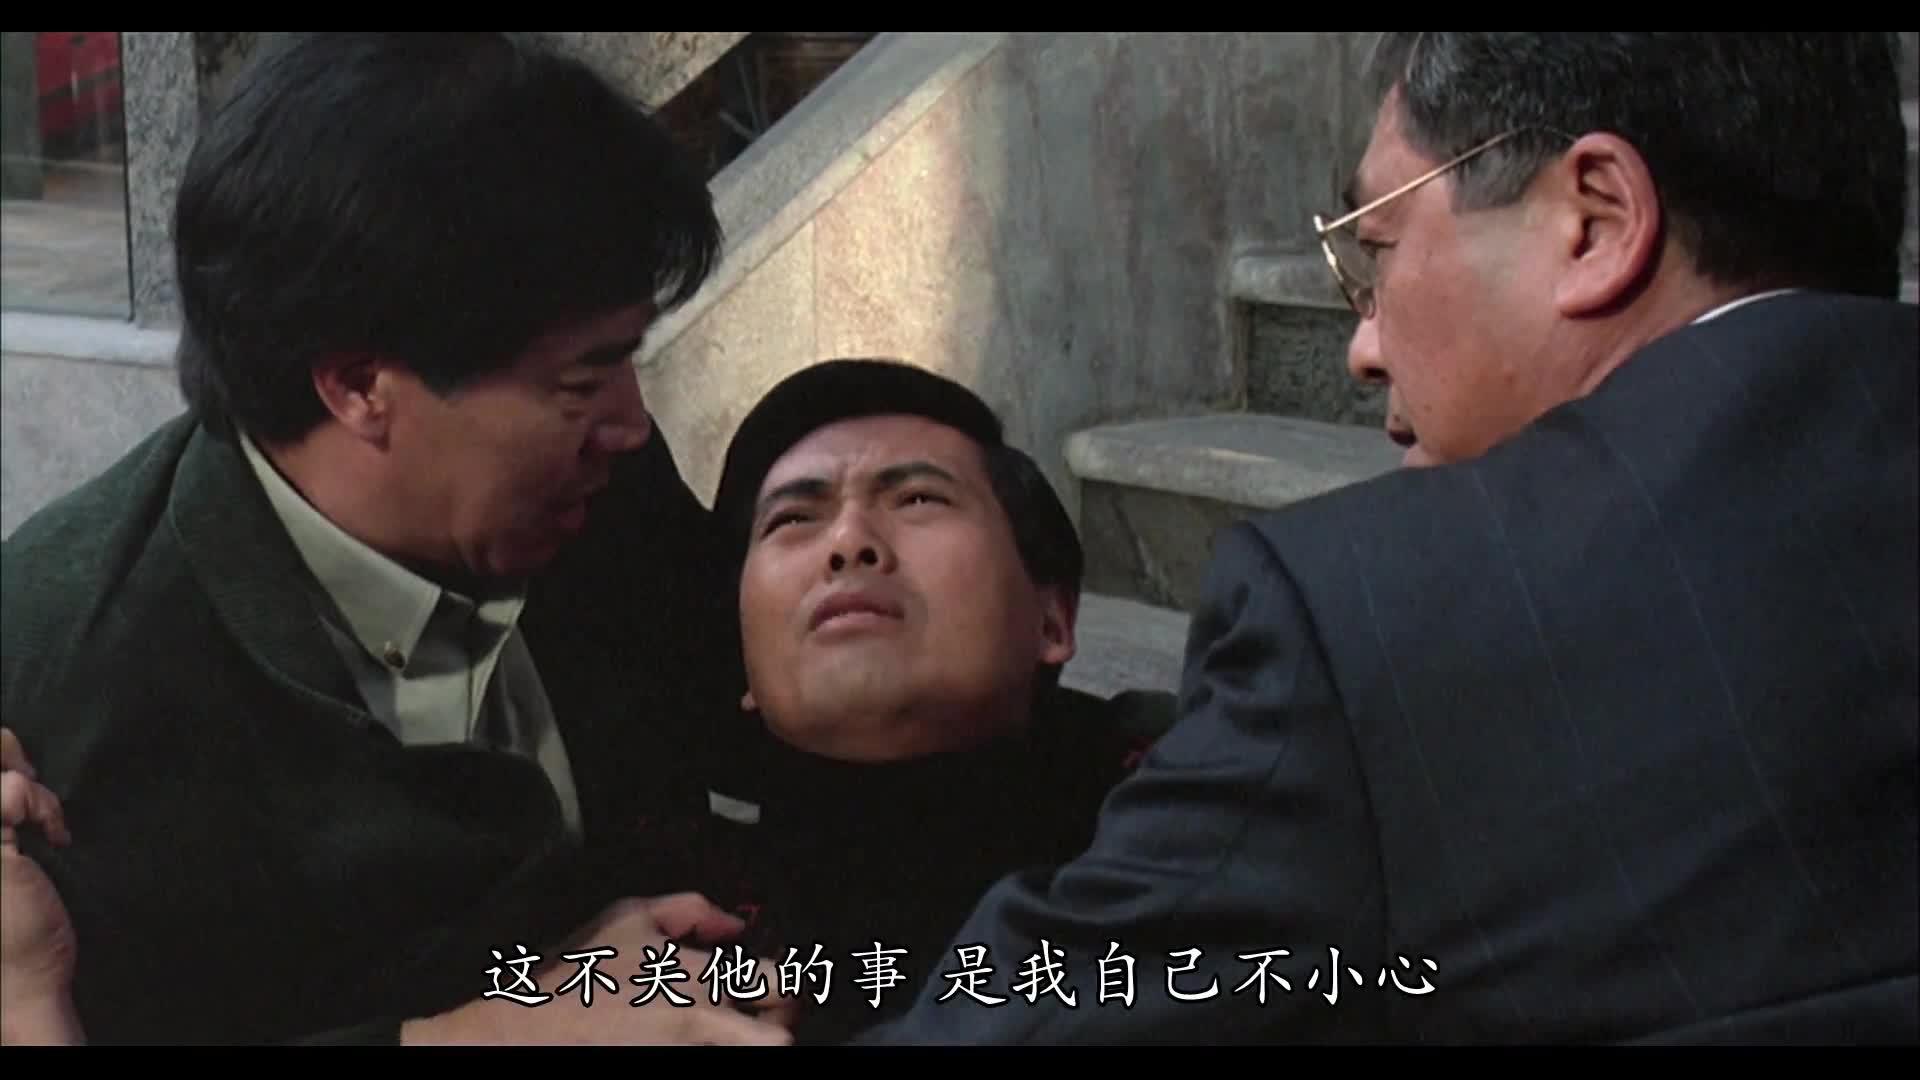 儿子残疾后,父亲竟然这样对待他,真是令人心寒